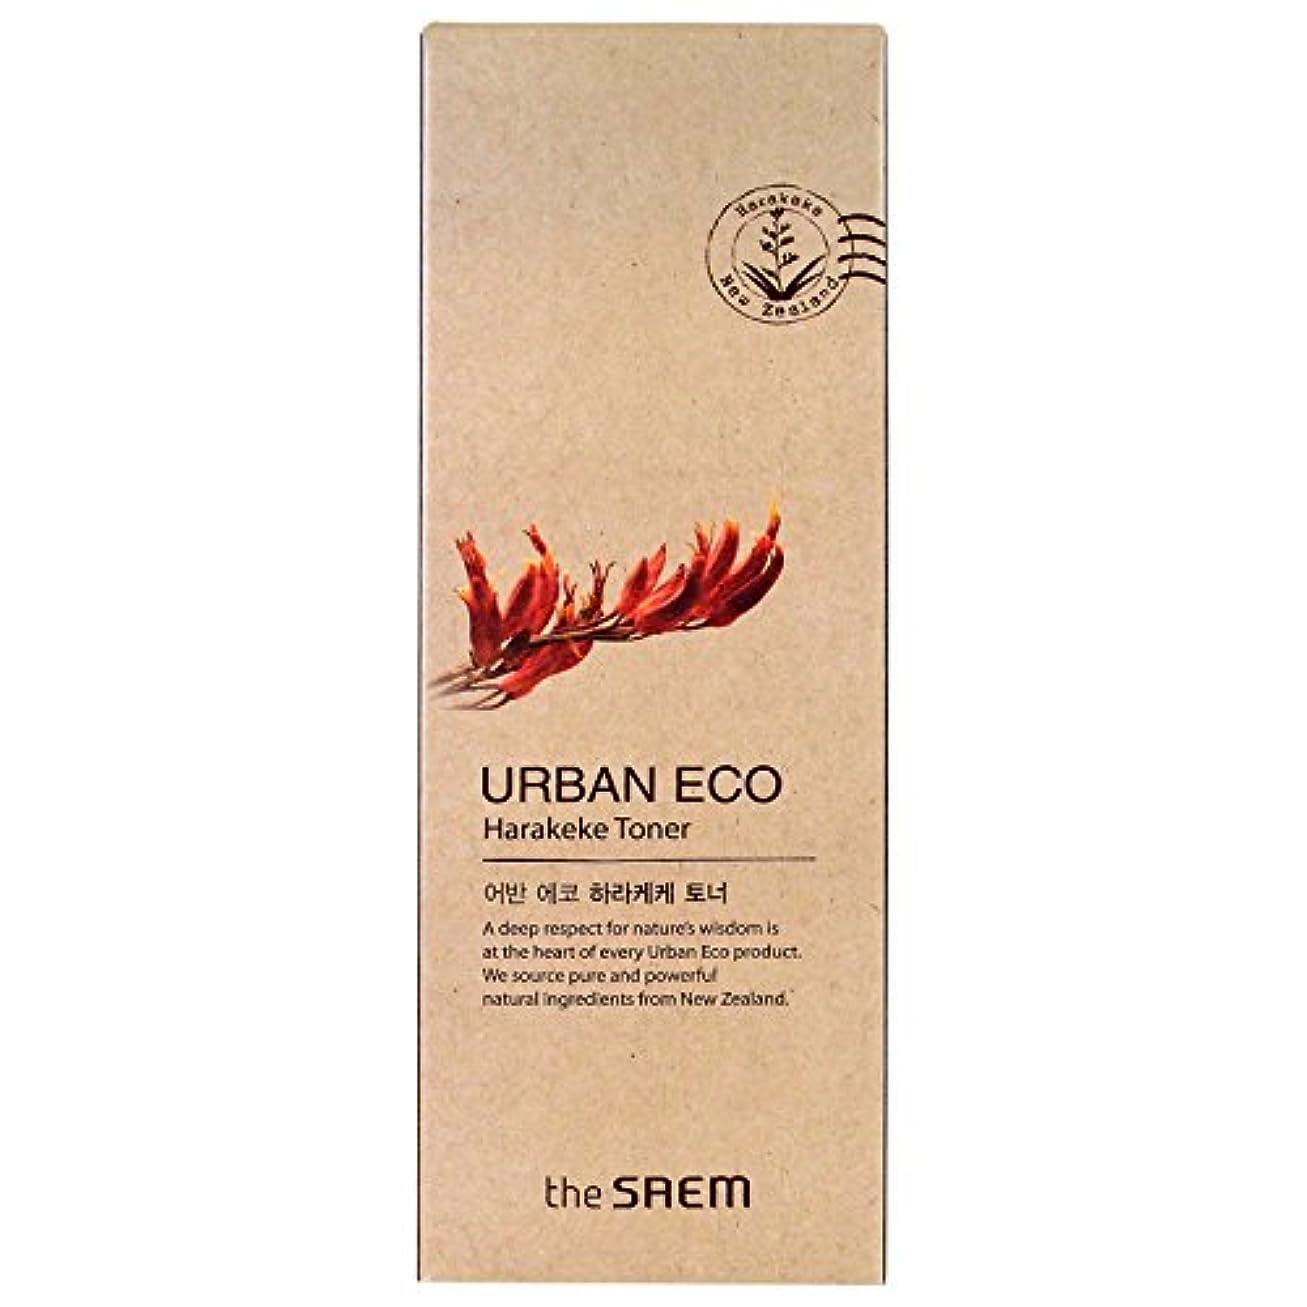 出席するご飯費用THE SAEM ザセム アーバン エコ ハラケケ トナー Urban Eco Harakeke Toner 180ml 【高保湿 化粧水 韓国コスメ】